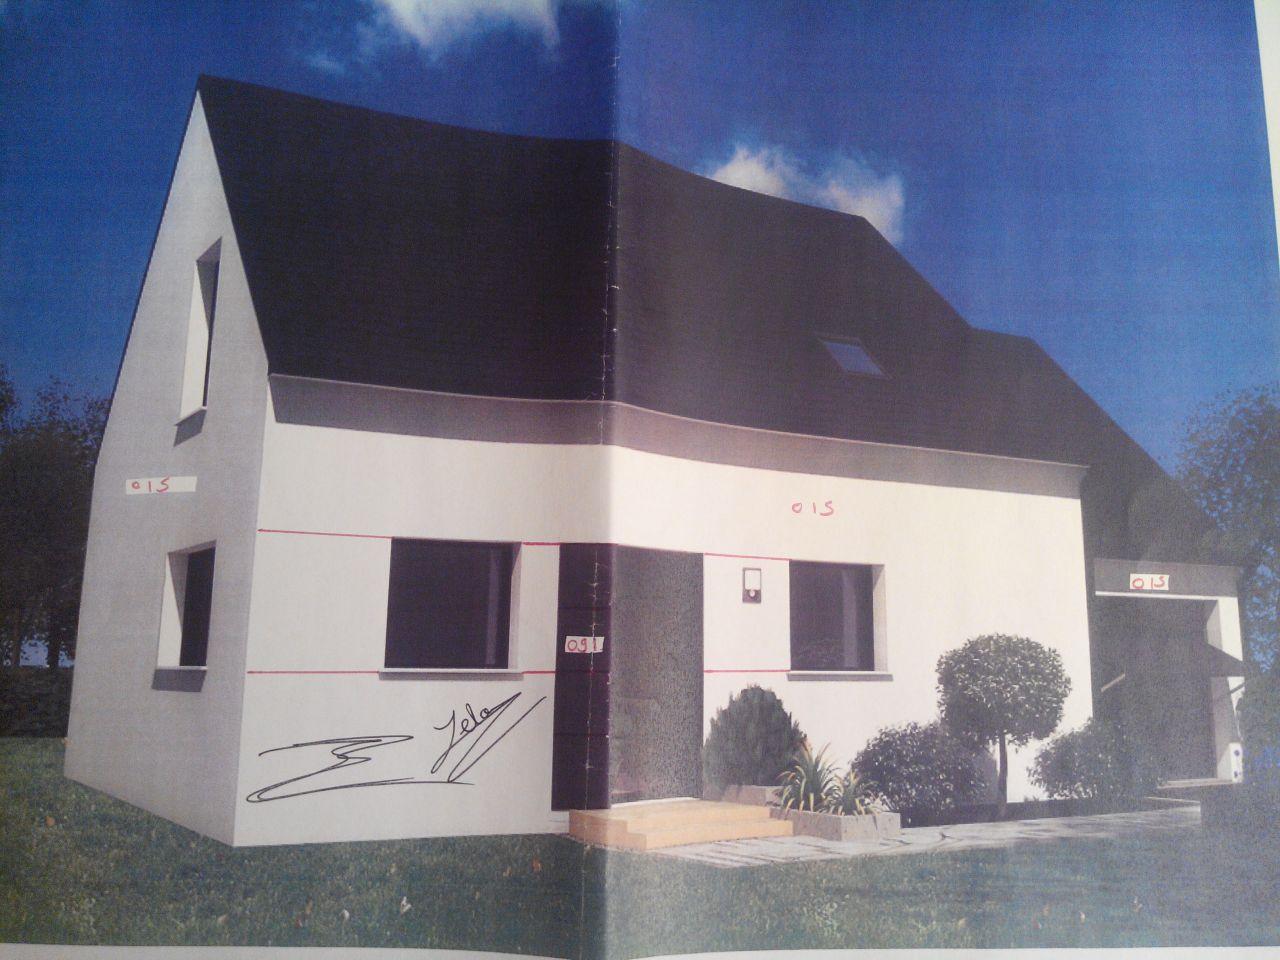 Plan de maison trecobat plan de de maison technobat 5 for Modele maison trecobat